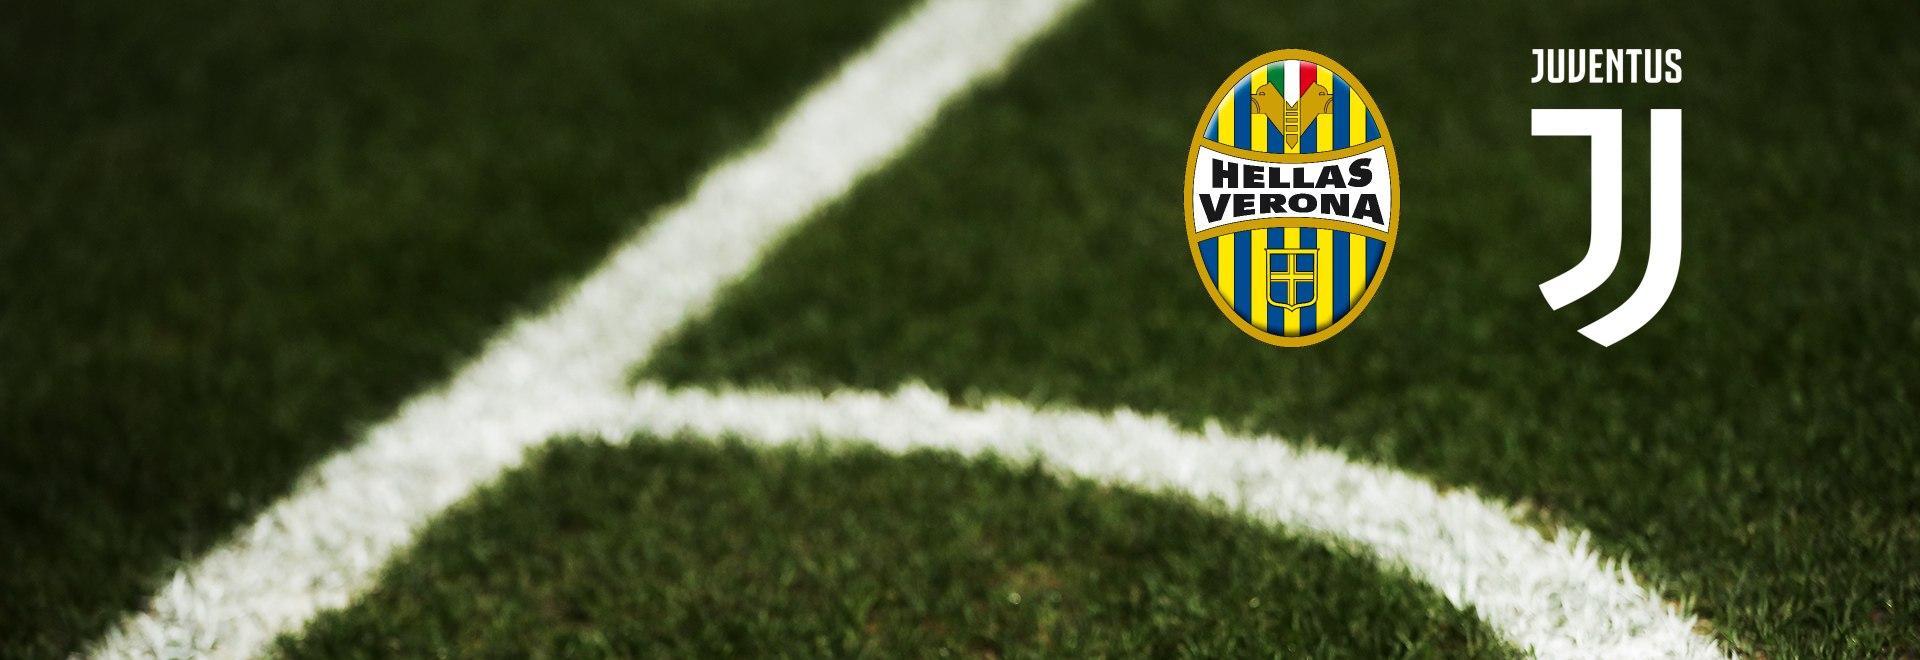 Verona - Juventus. 23a g.